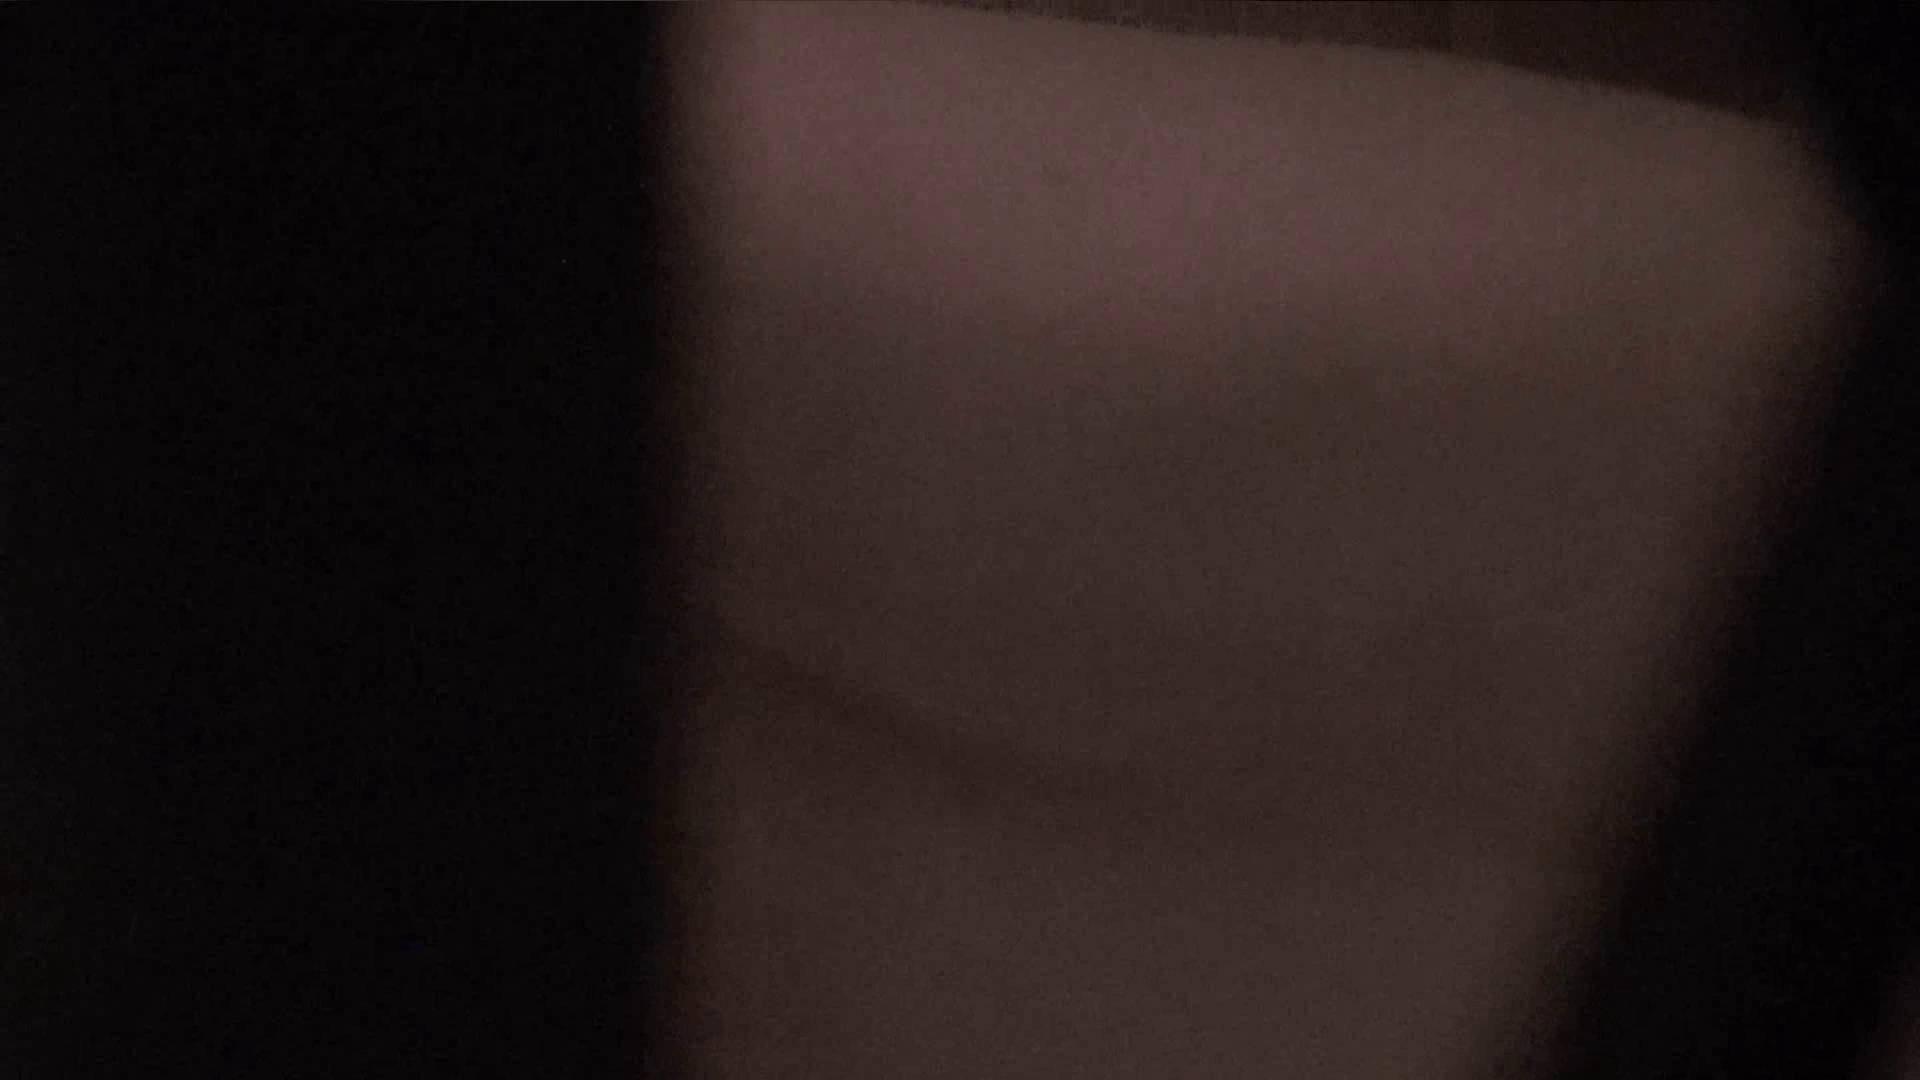 民家の騎士さんの最後の性戦ハイビジョン!!No.65 乳首 | 民家  89画像 69